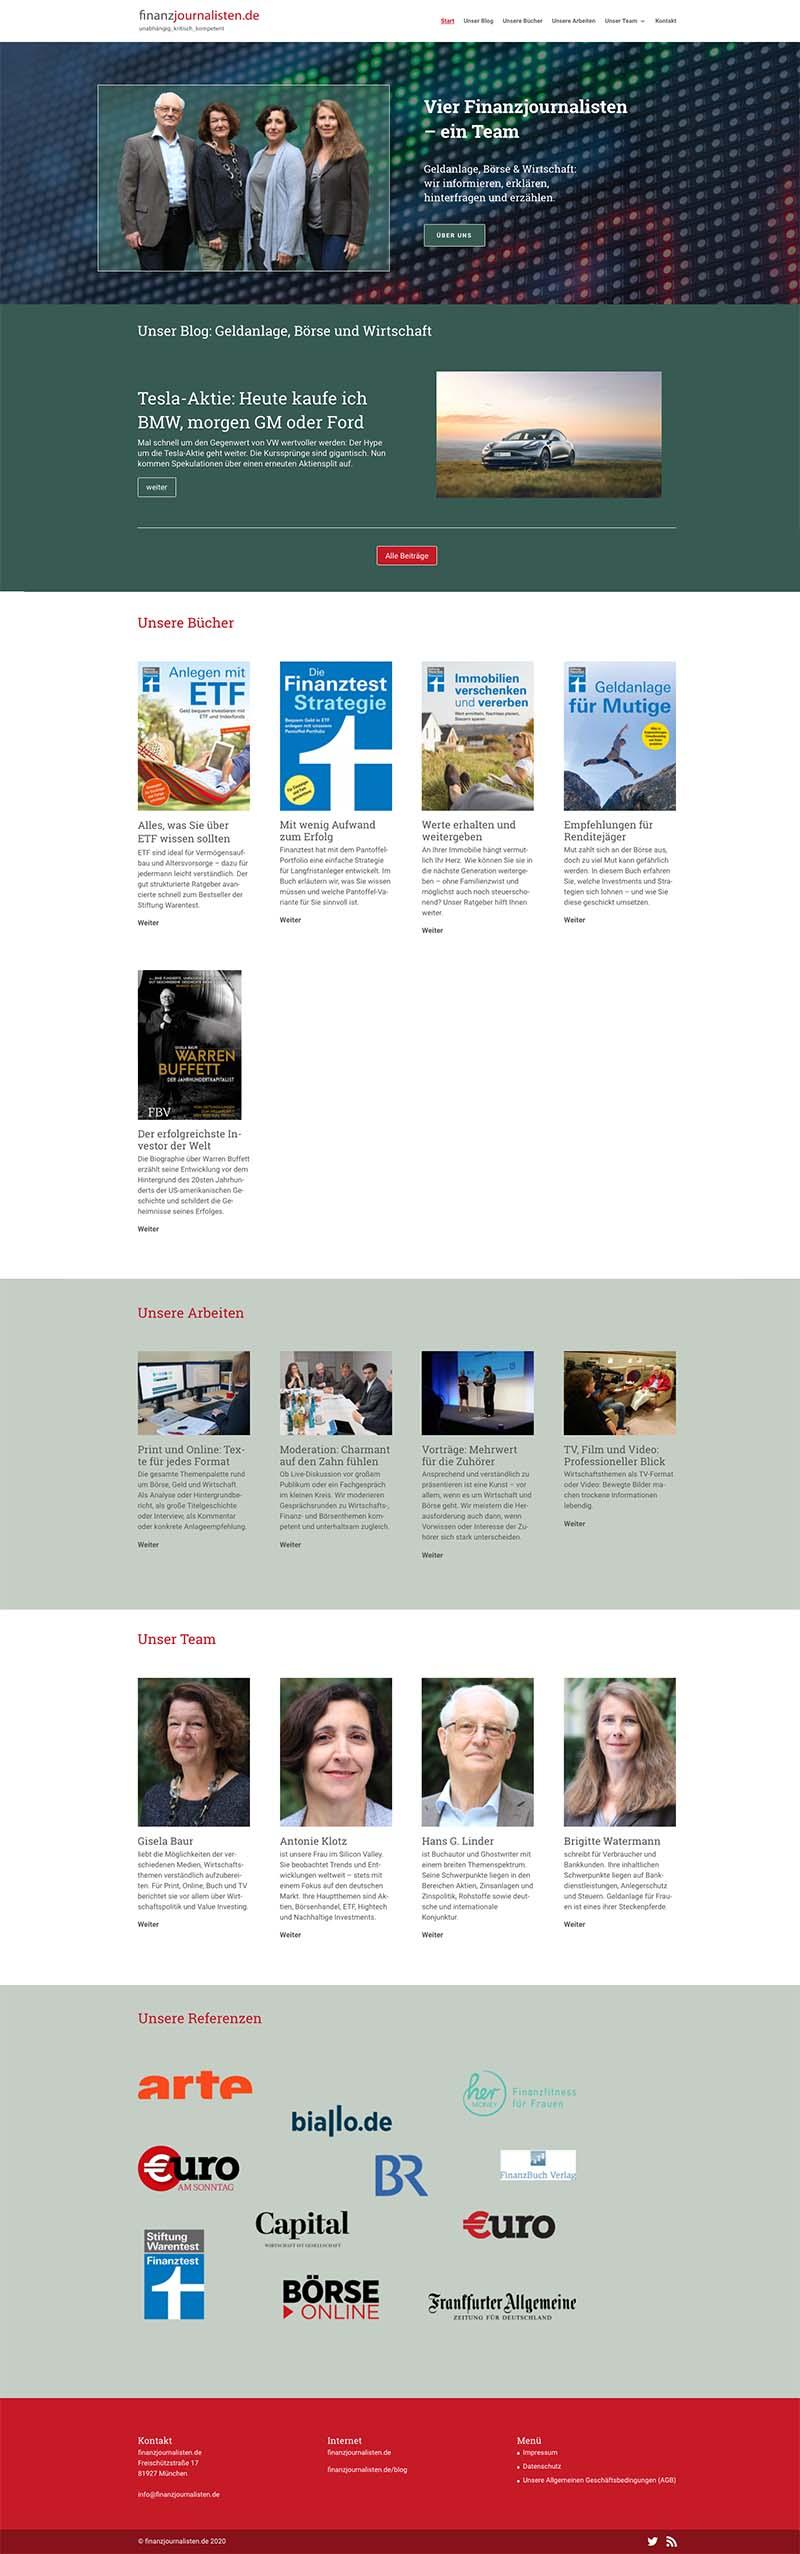 Auf der Startseite finden sich Webseite und Blog in einem